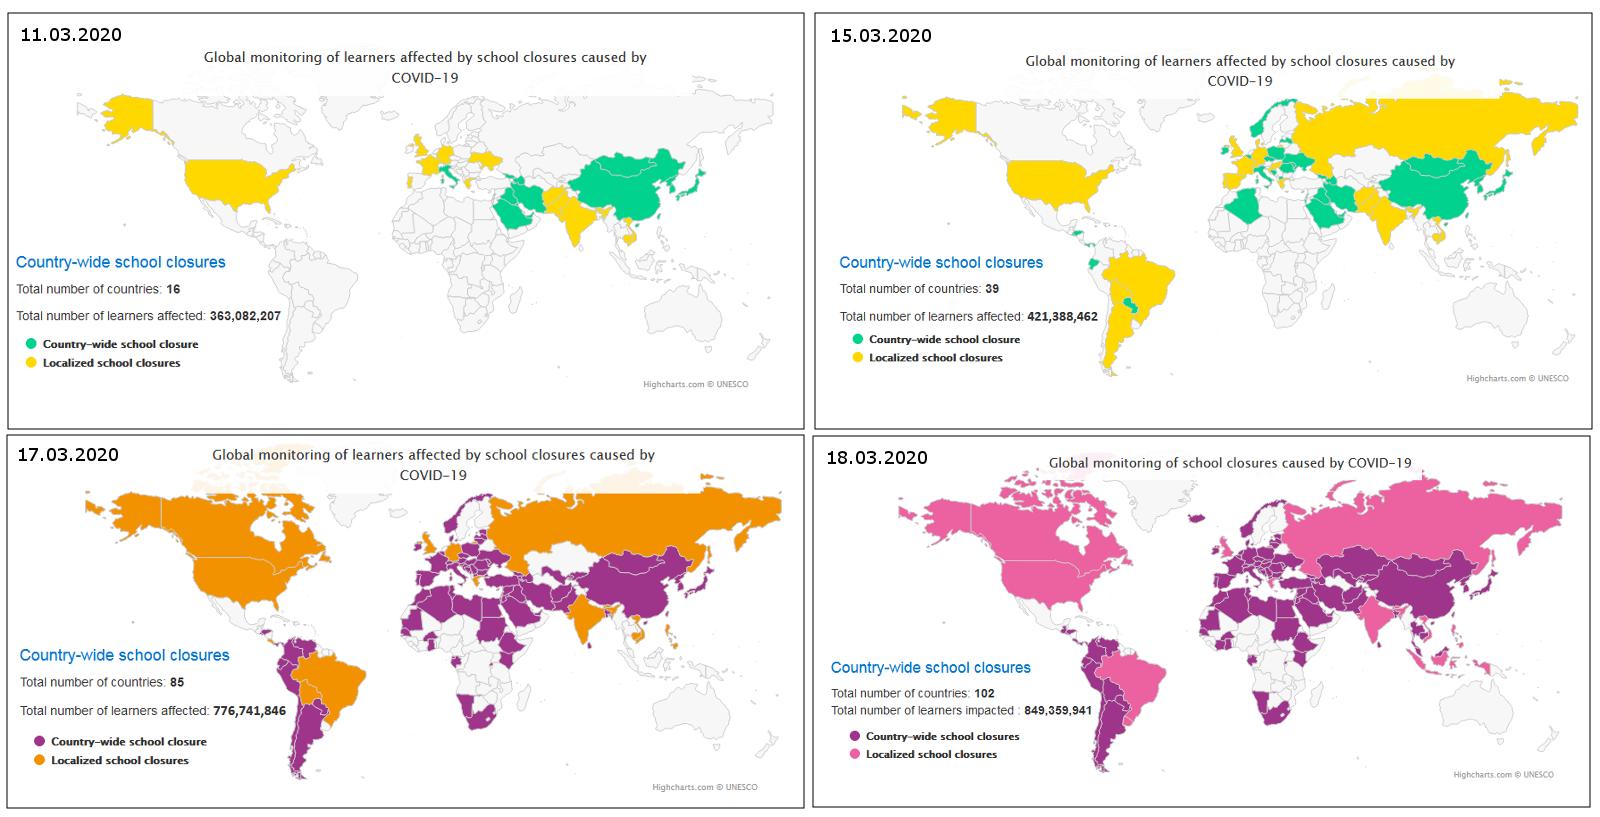 Vier Weltkarten, die die Entwicklung der weltweiten Schulschließungen aufgrund des Coronavirus zwischen dem 11. und 18.03.2020 zeigen.